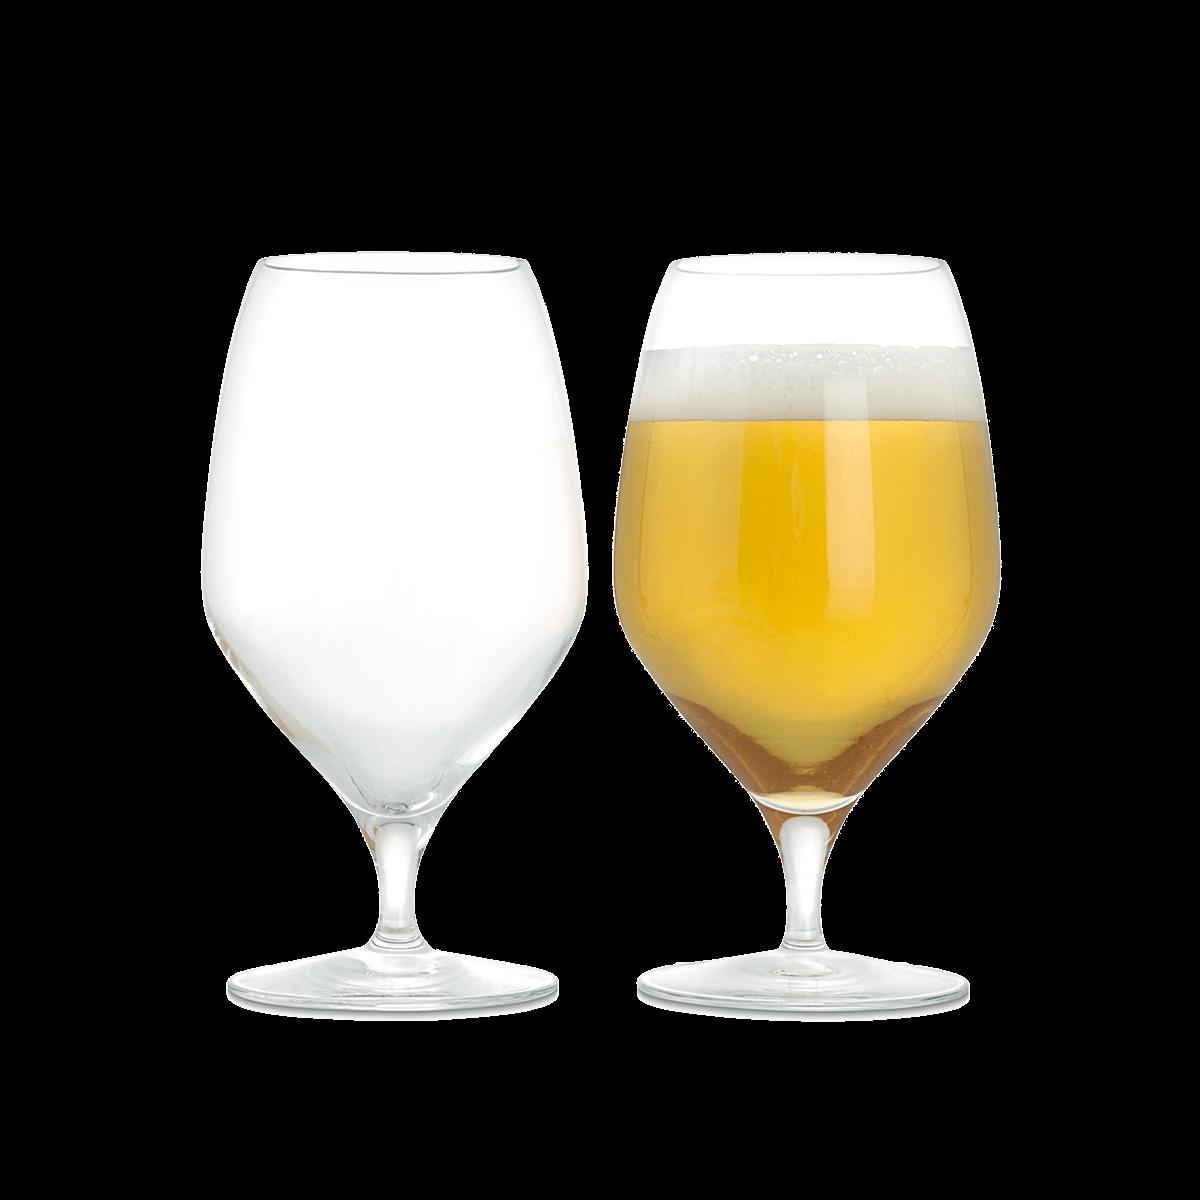 ROSENDAHL Premium ølglas 60 cl 2 stk